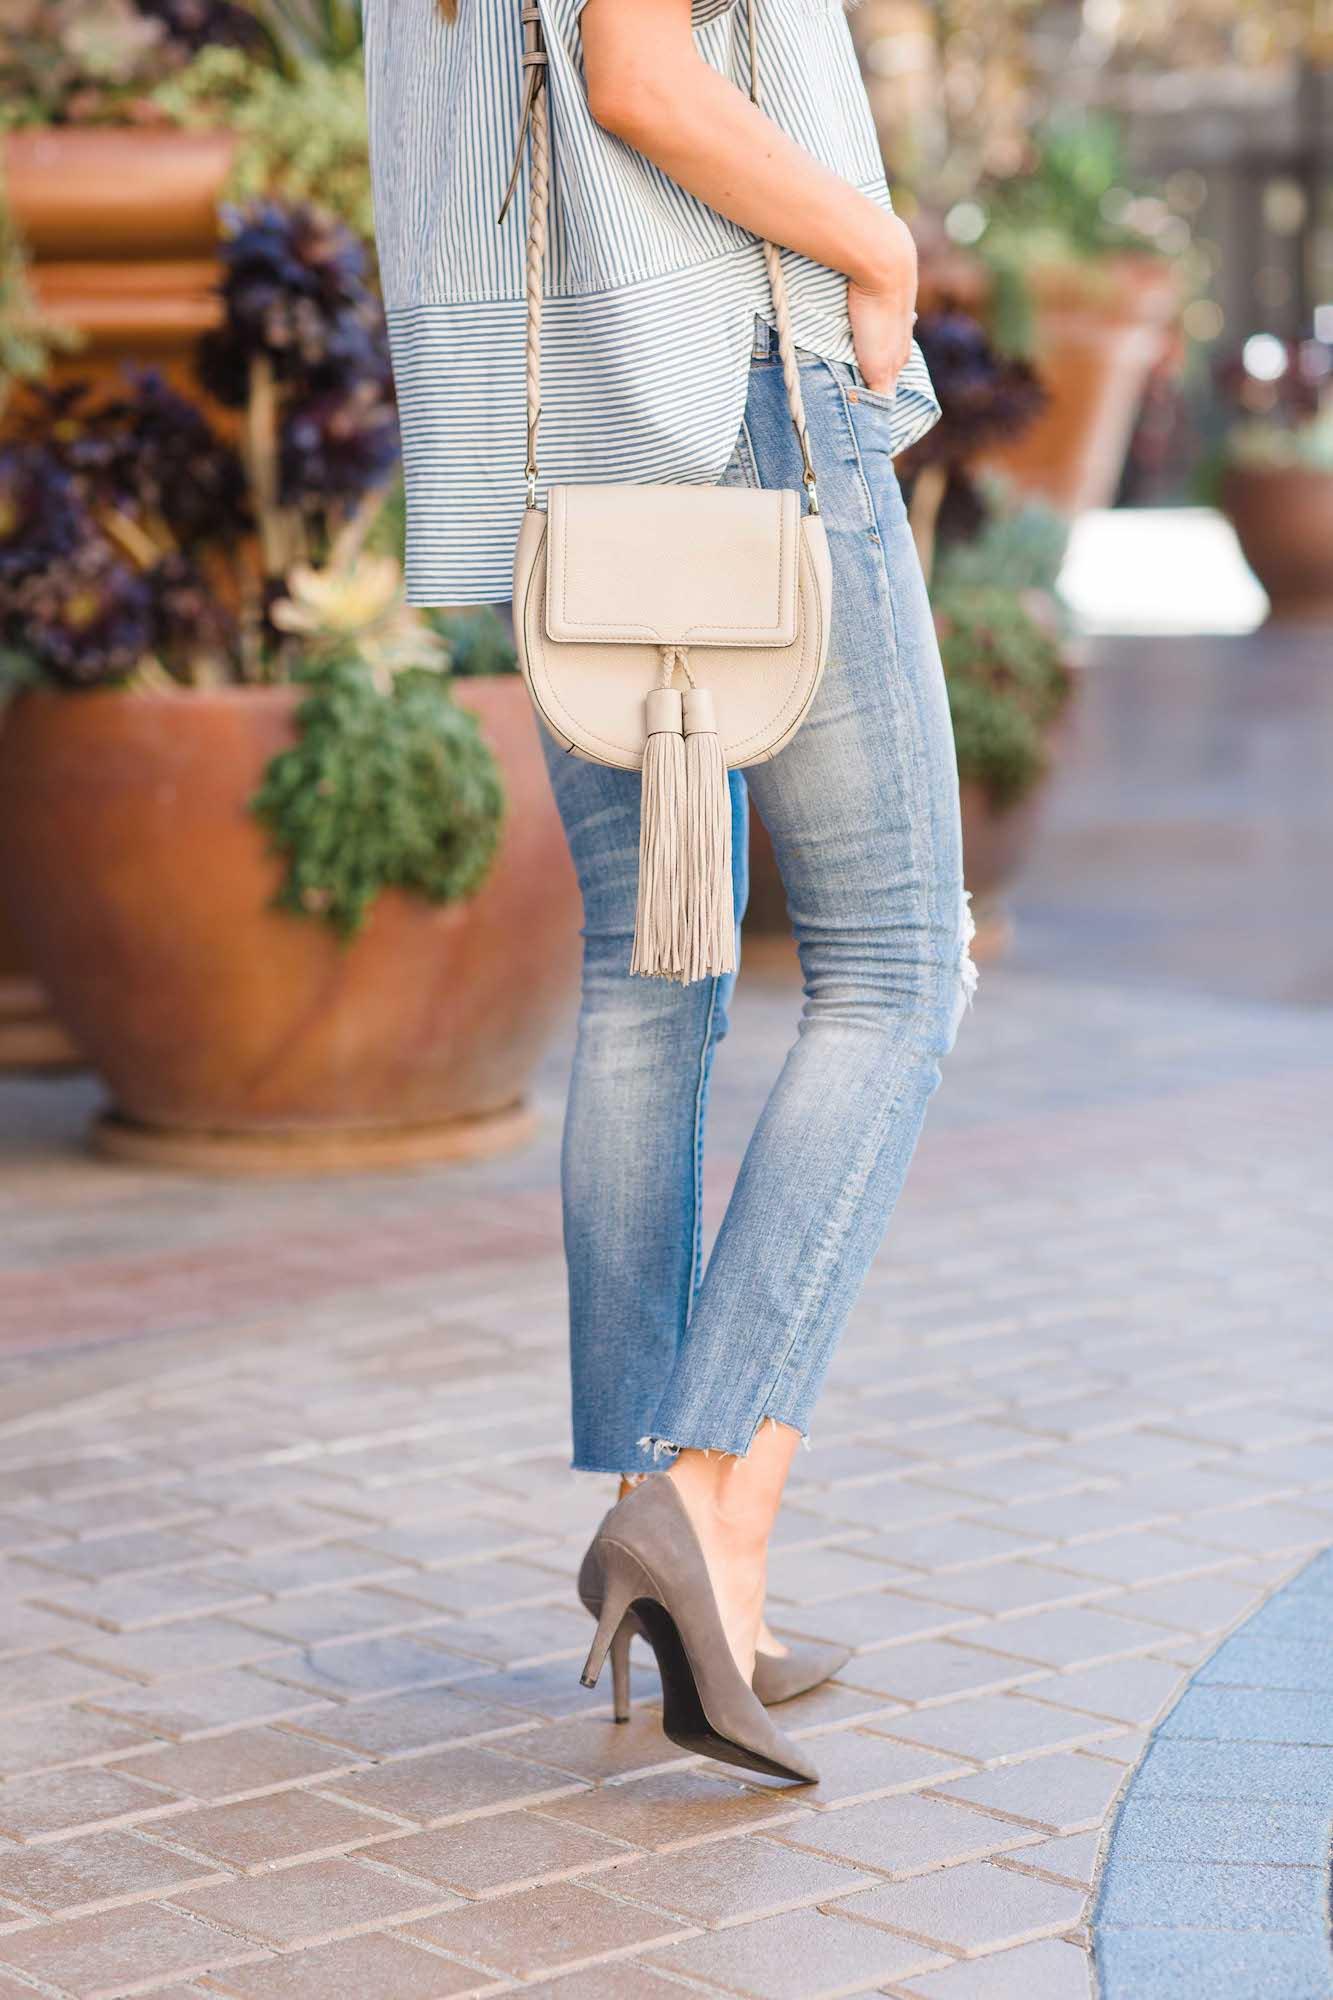 Merrick's Art Easy DIY Jeans Refashion